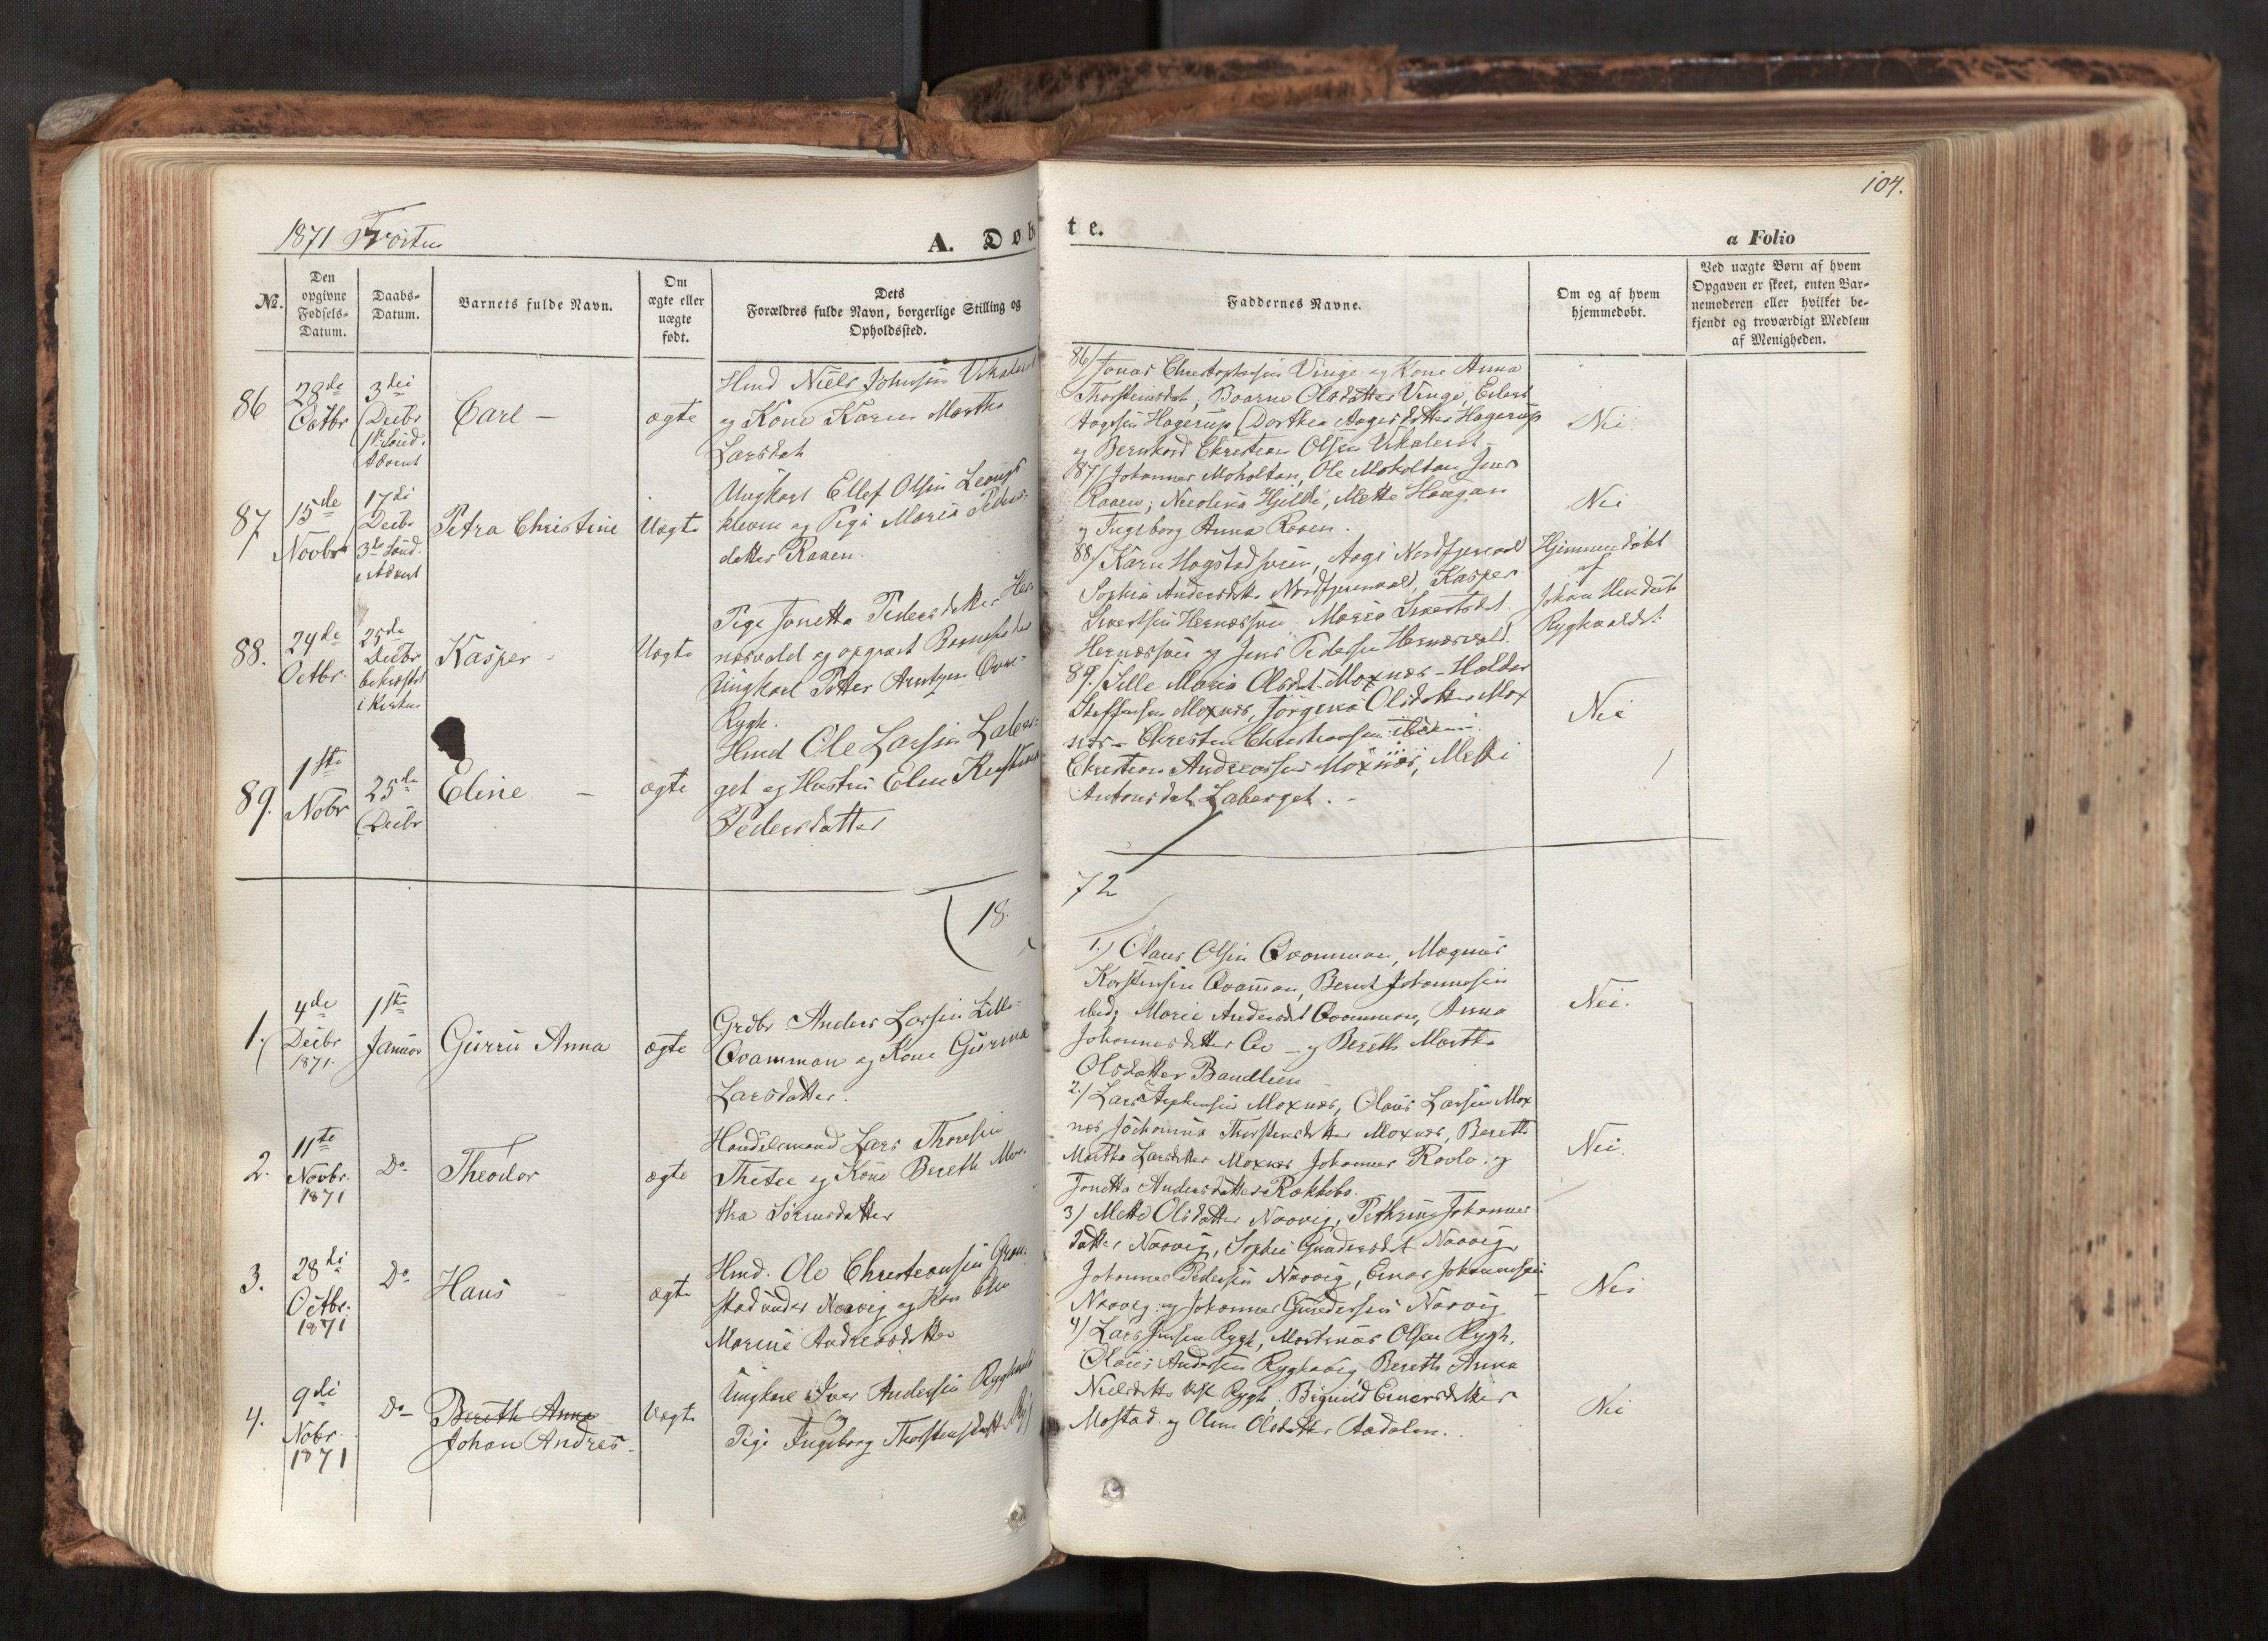 SAT, Ministerialprotokoller, klokkerbøker og fødselsregistre - Nord-Trøndelag, 713/L0116: Ministerialbok nr. 713A07, 1850-1877, s. 104